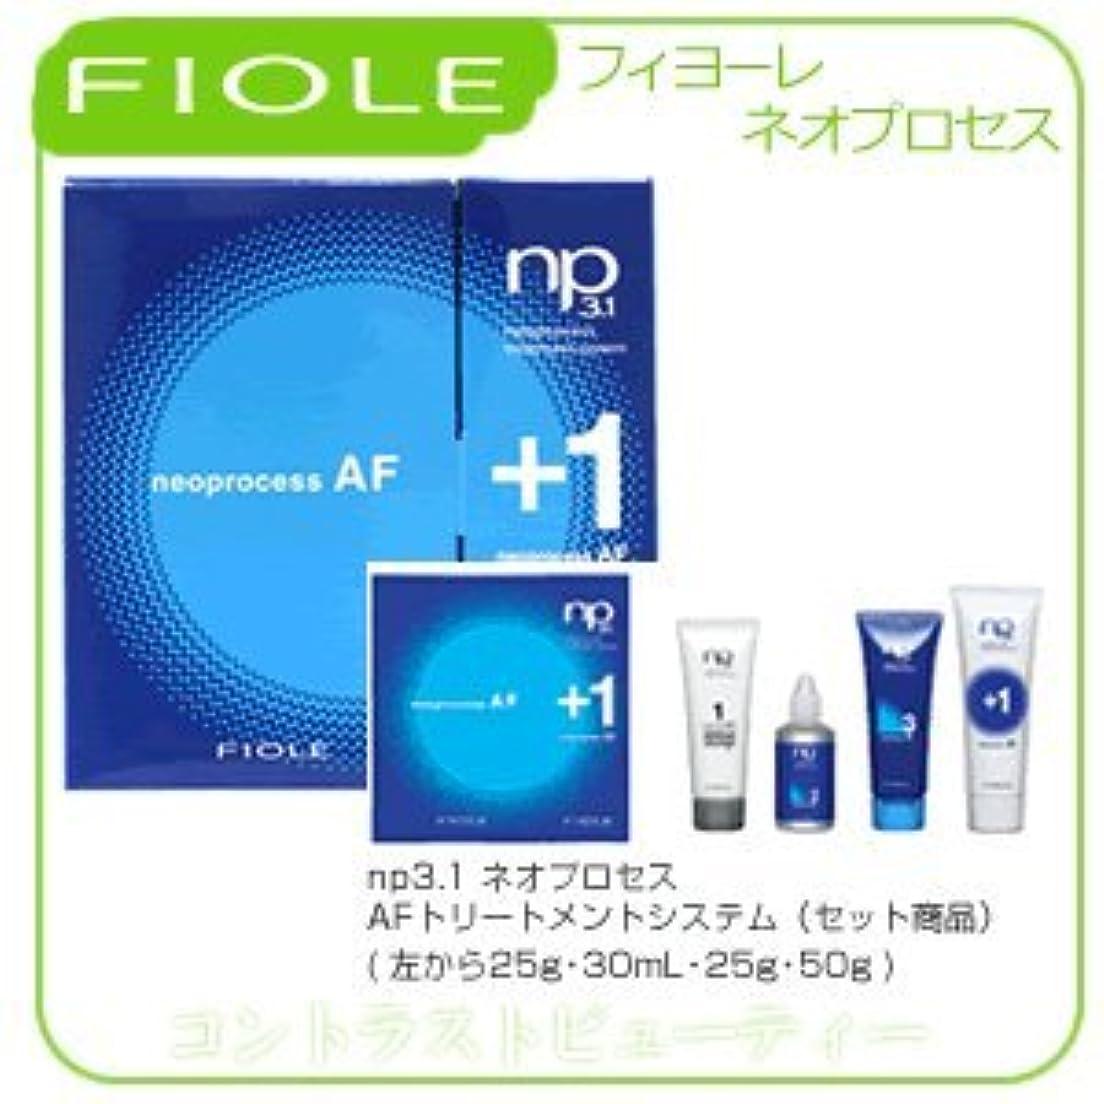 許容質量広がり【X3個セット】 フィヨーレ NP3.1 ネオプロセス AF トリートメントシステム FIOLE ネオプロセス